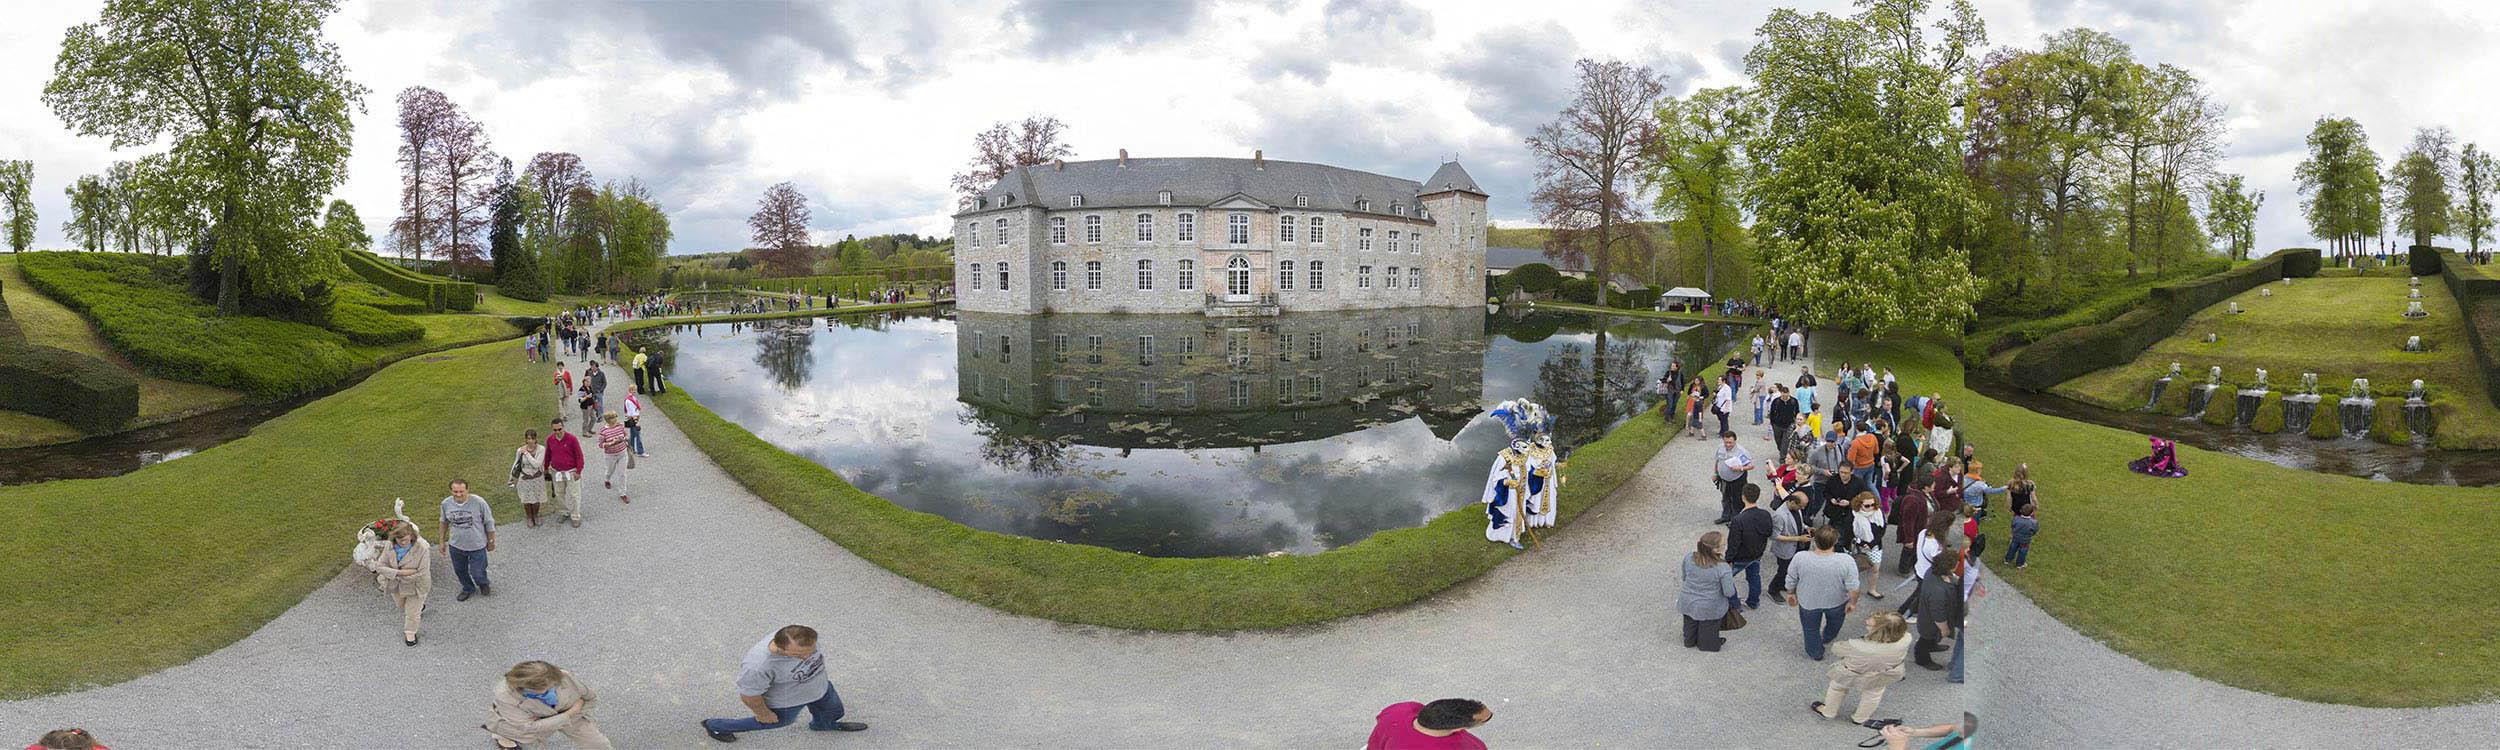 Jardin annevoie visite virtuelle 360 carnaval hainaut